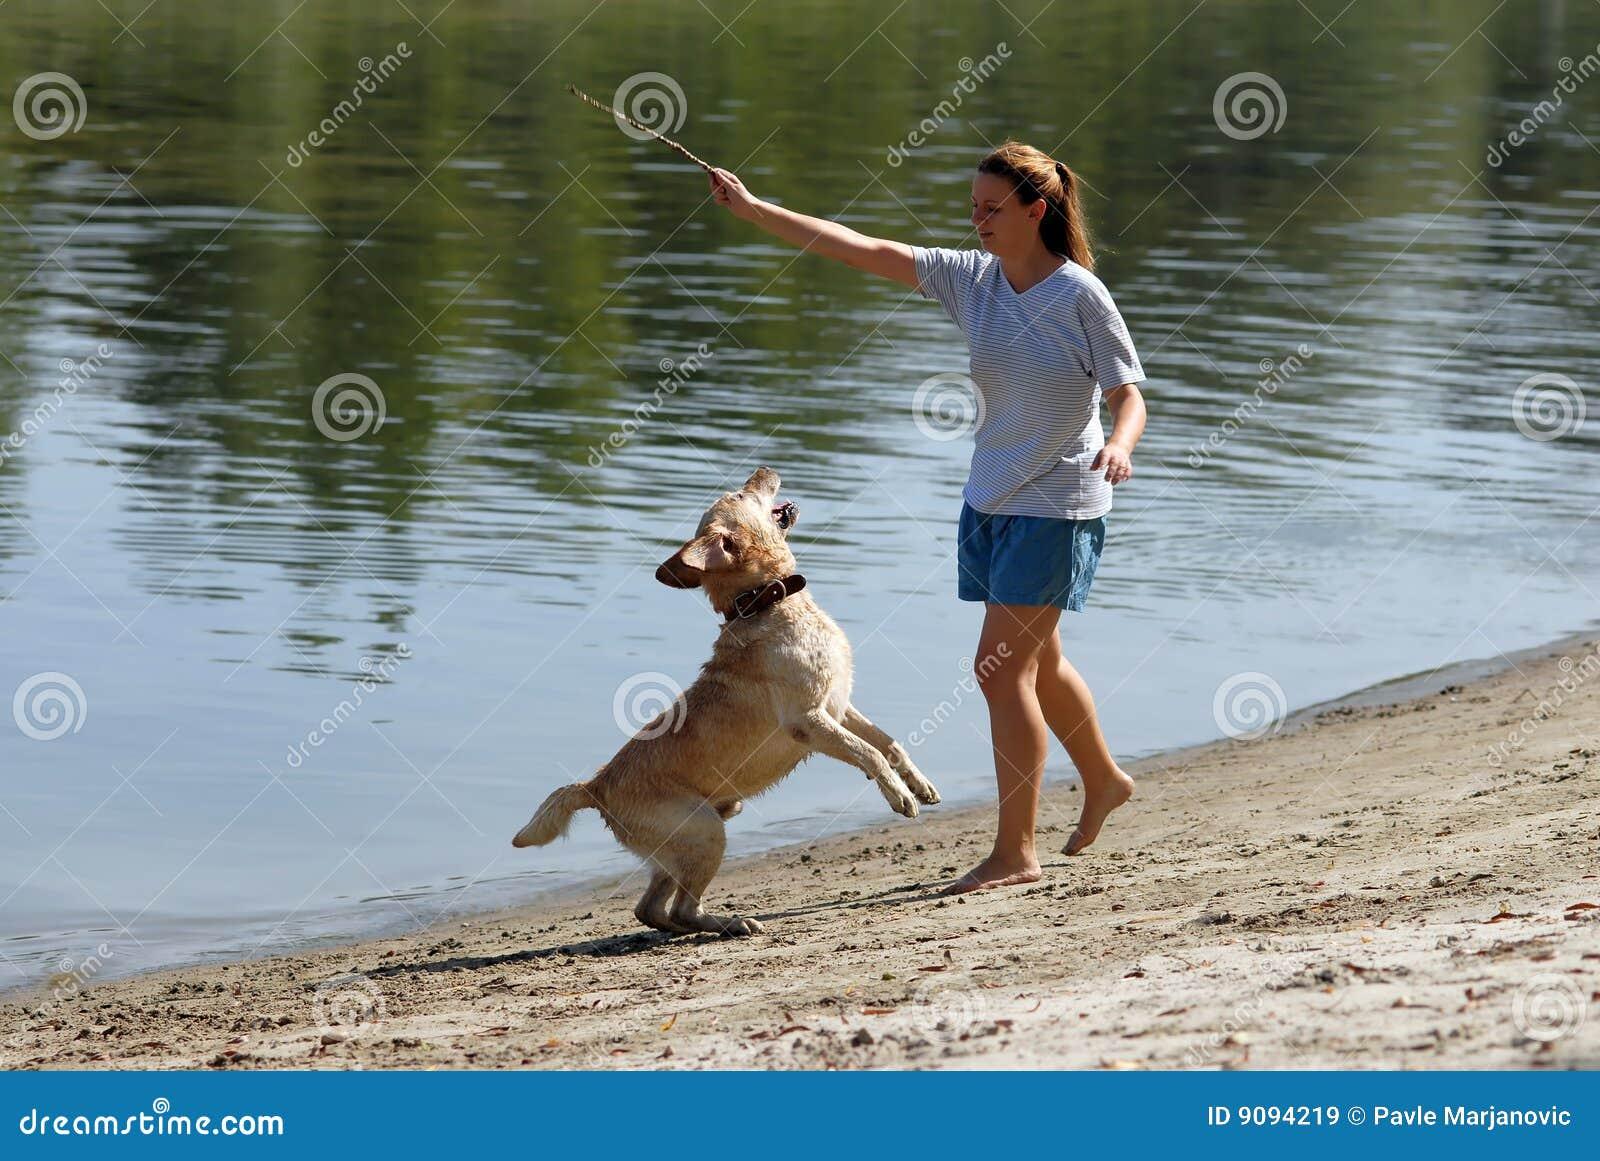 Junge attracive Frau und ihr Hund